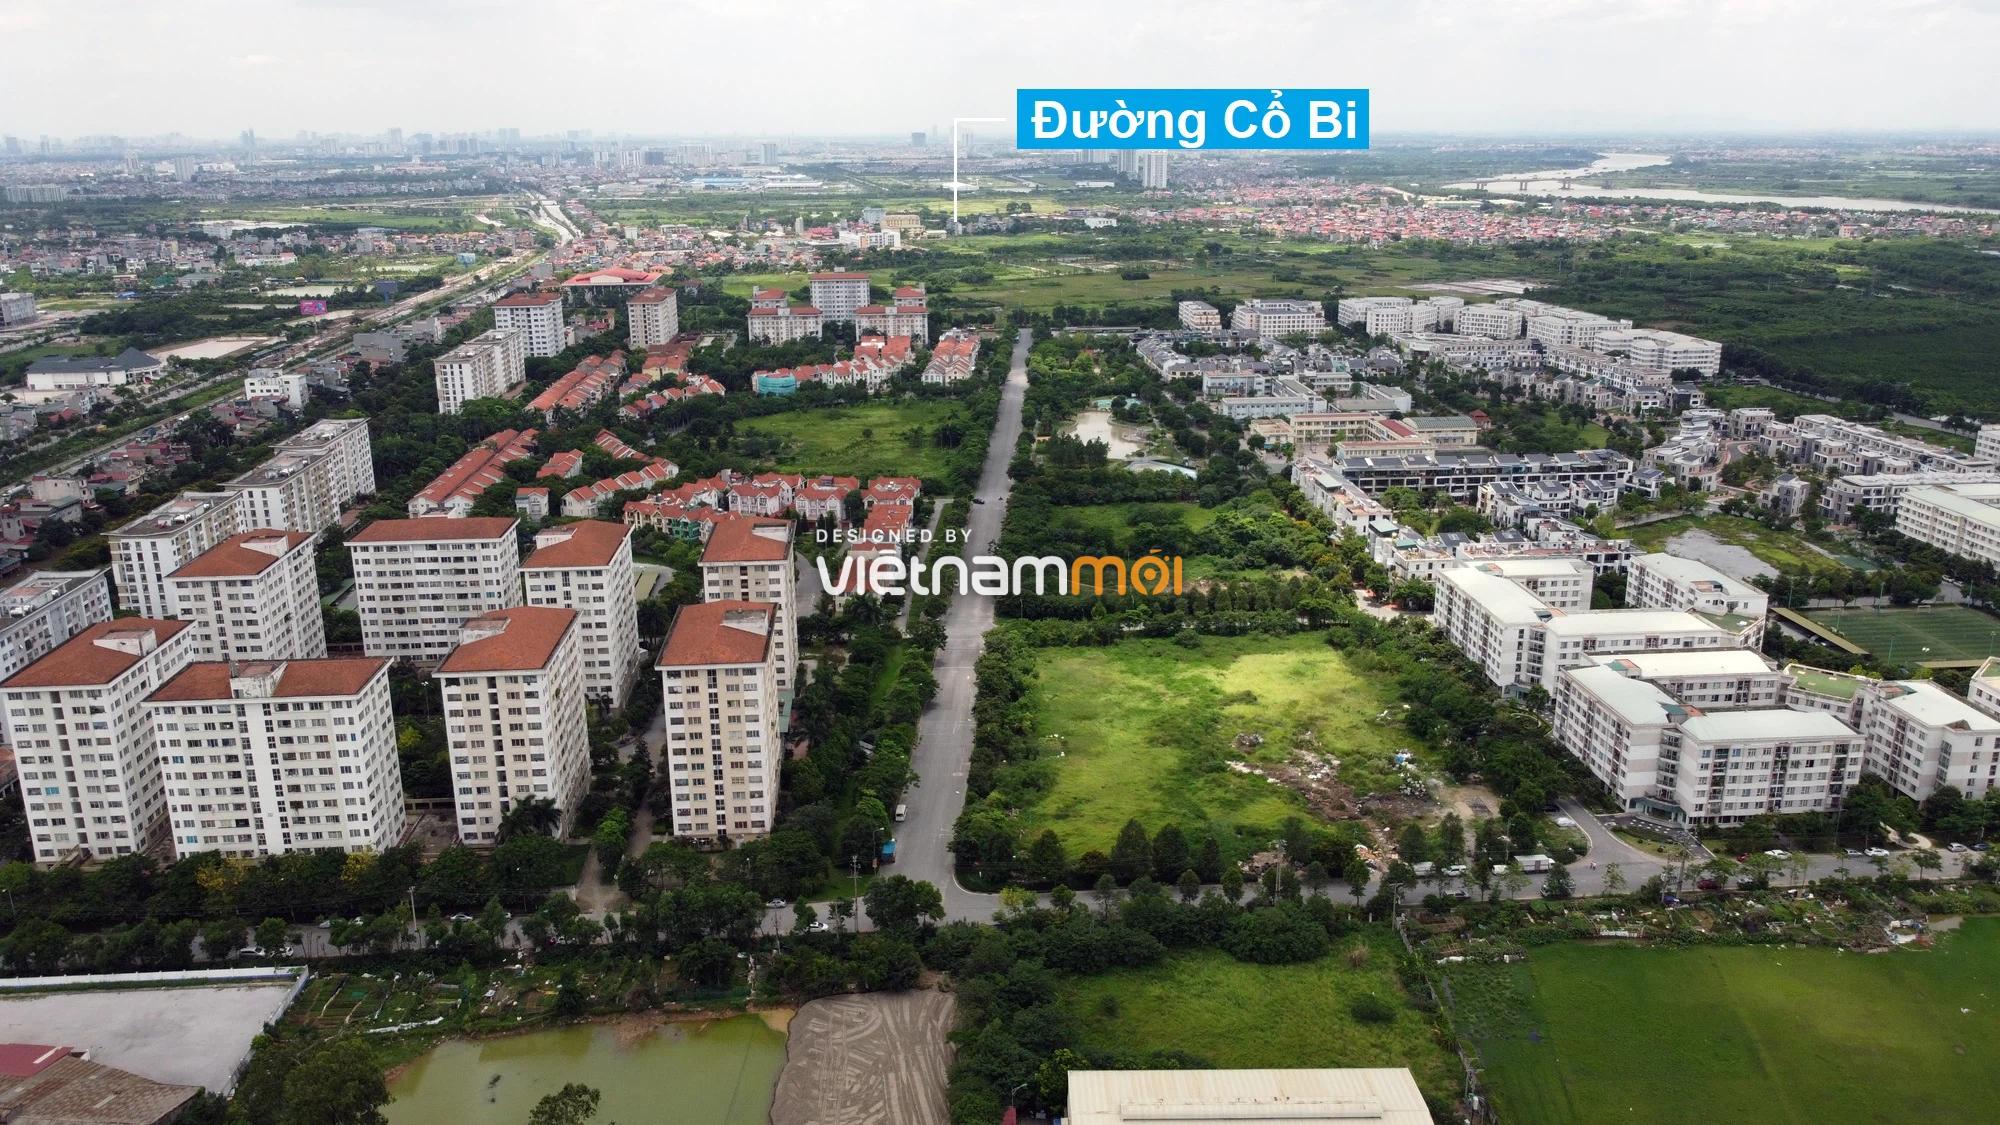 Toàn cảnh tuyến đường từ KĐT Đặng Xá đến chân cầu vượt Phú Thị đang mở theo quy hoạch ở Hà Nội - Ảnh 2.